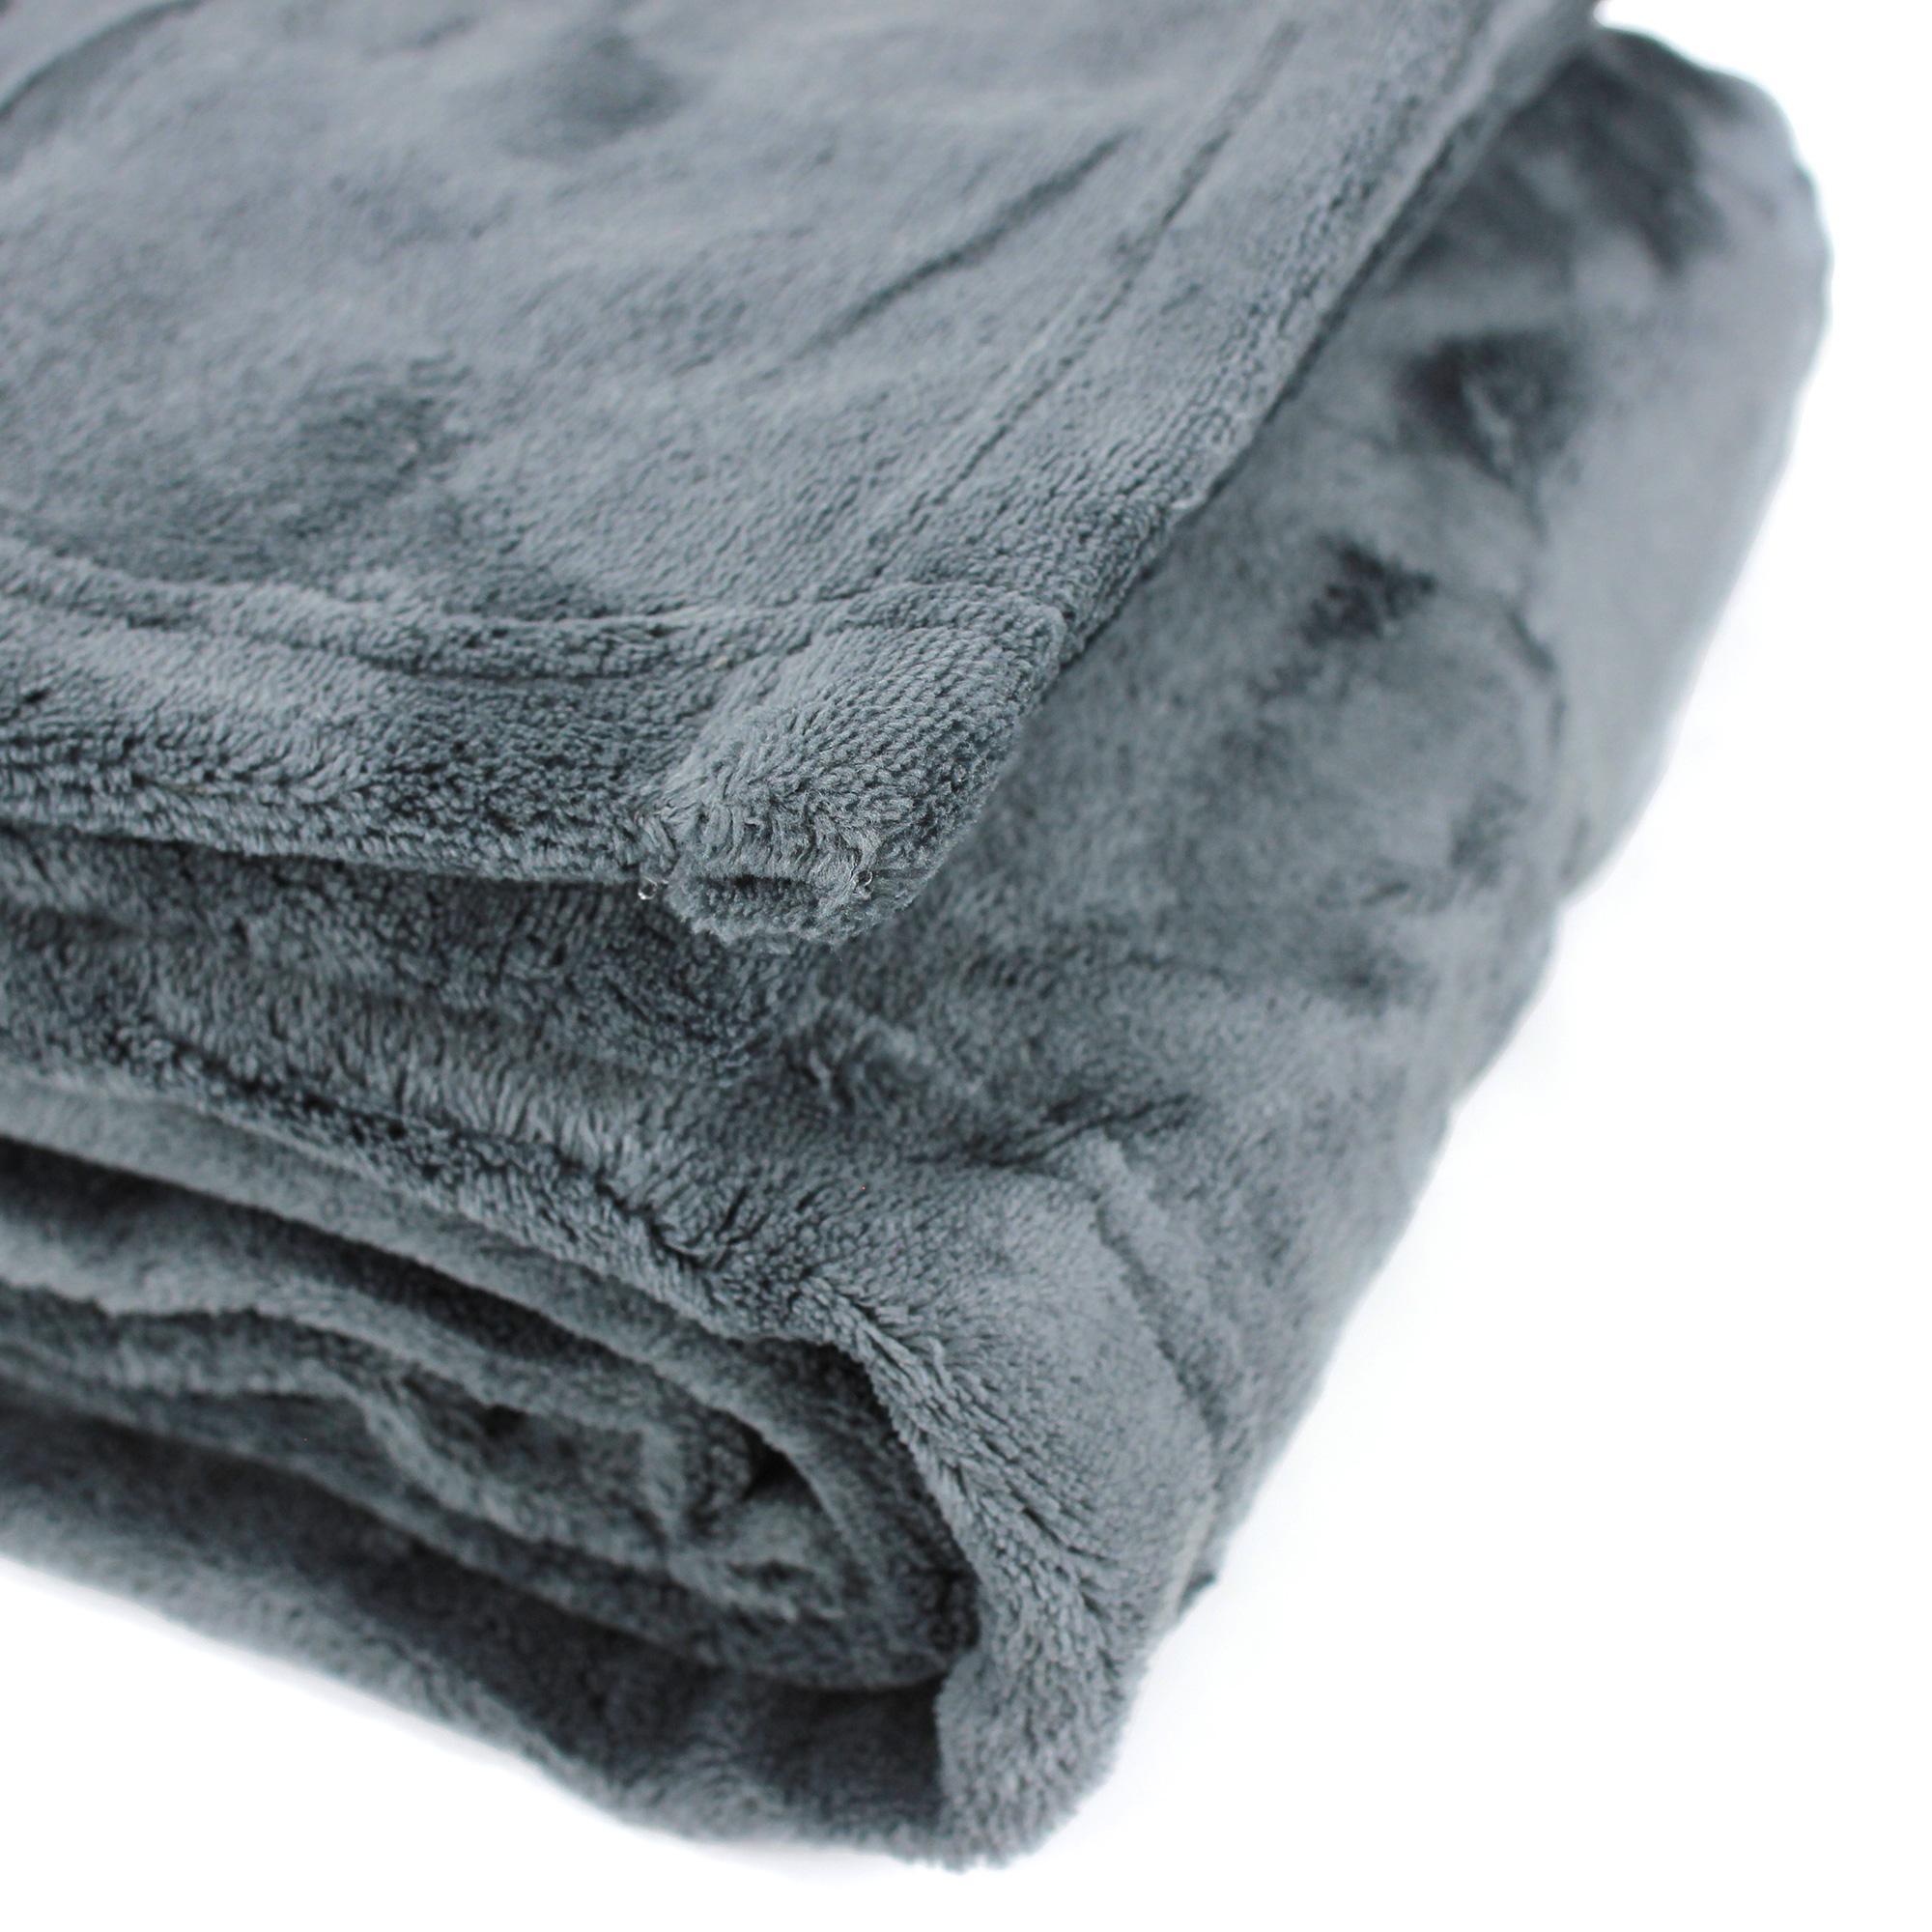 couverture apollo microfibre 180x240 cm gris acier linnea vente de linge de maison. Black Bedroom Furniture Sets. Home Design Ideas